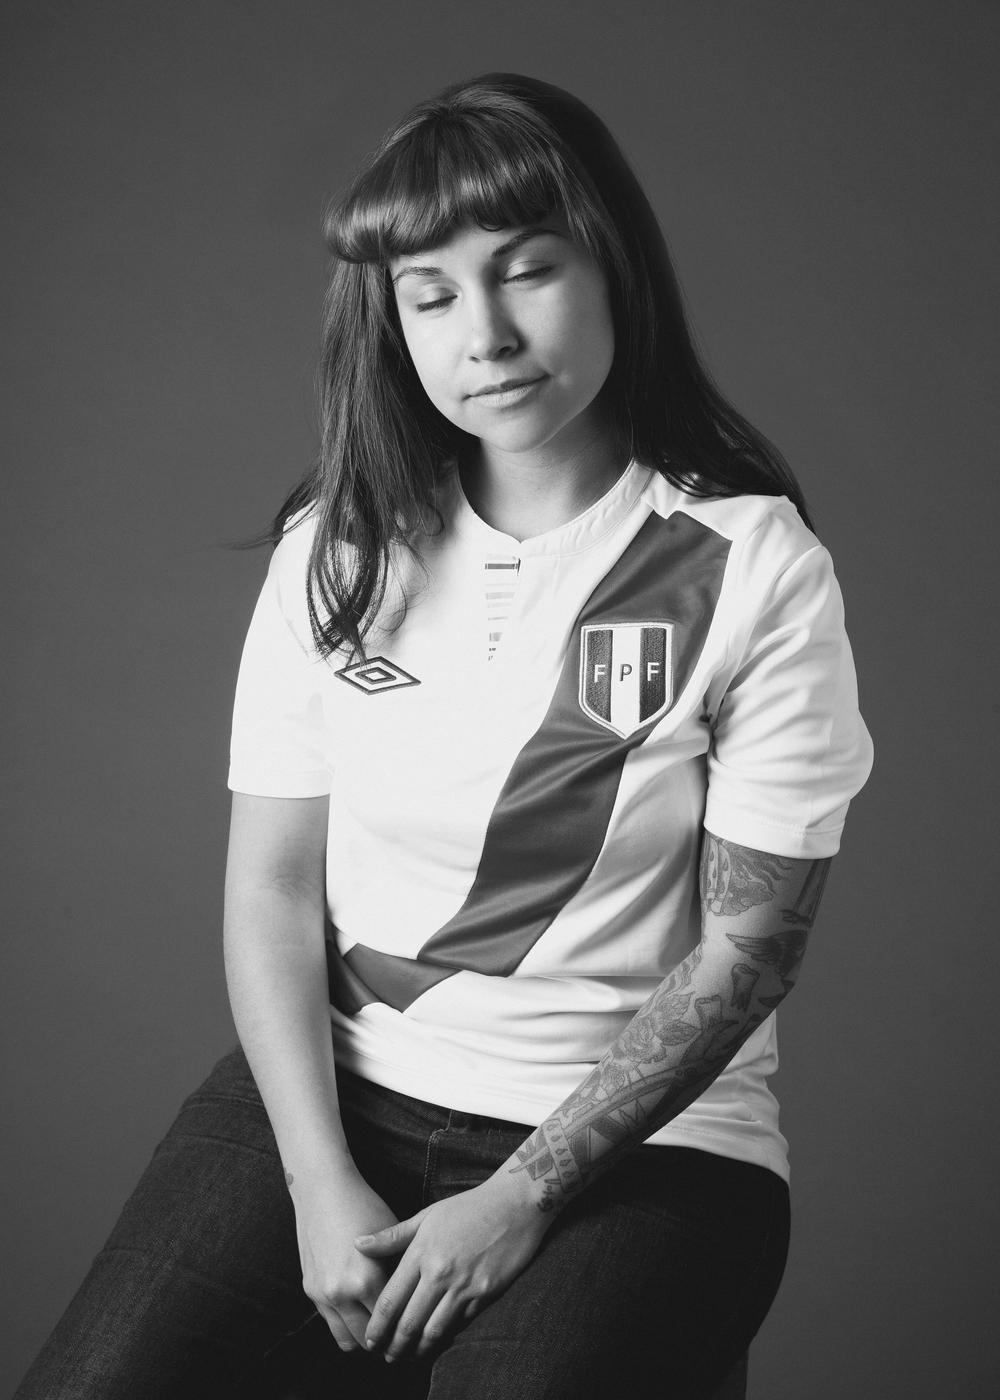 Priscilla Ruiz